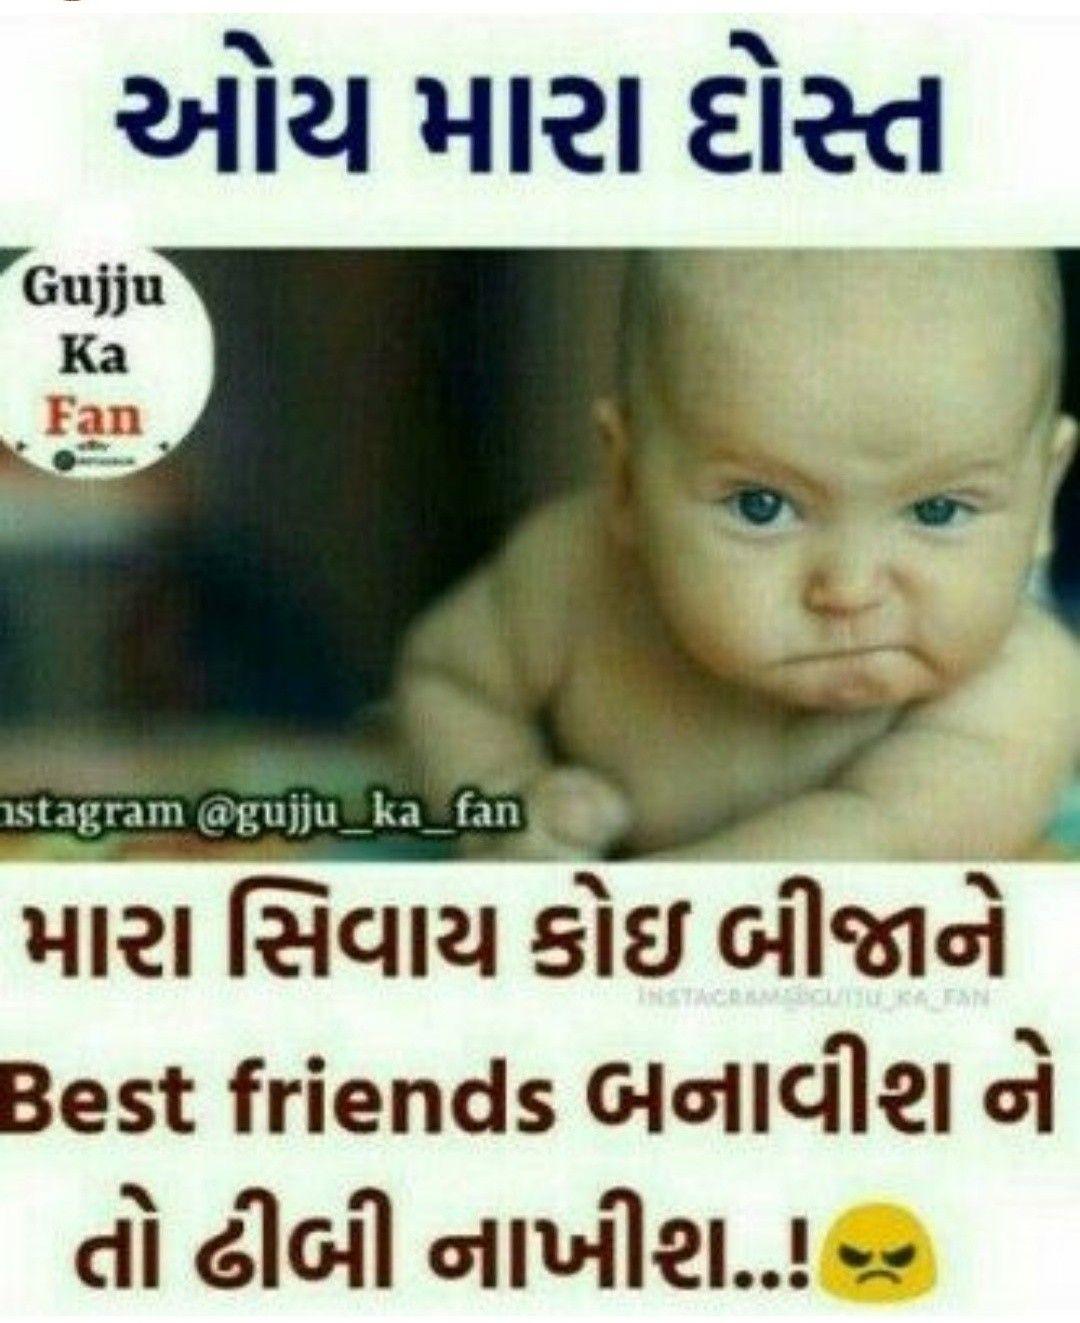 Funny Friendship Shayari In Gujarati : funny, friendship, shayari, gujarati, Gujju, Funny, Friendship, Quotes, Gujarati, Daily